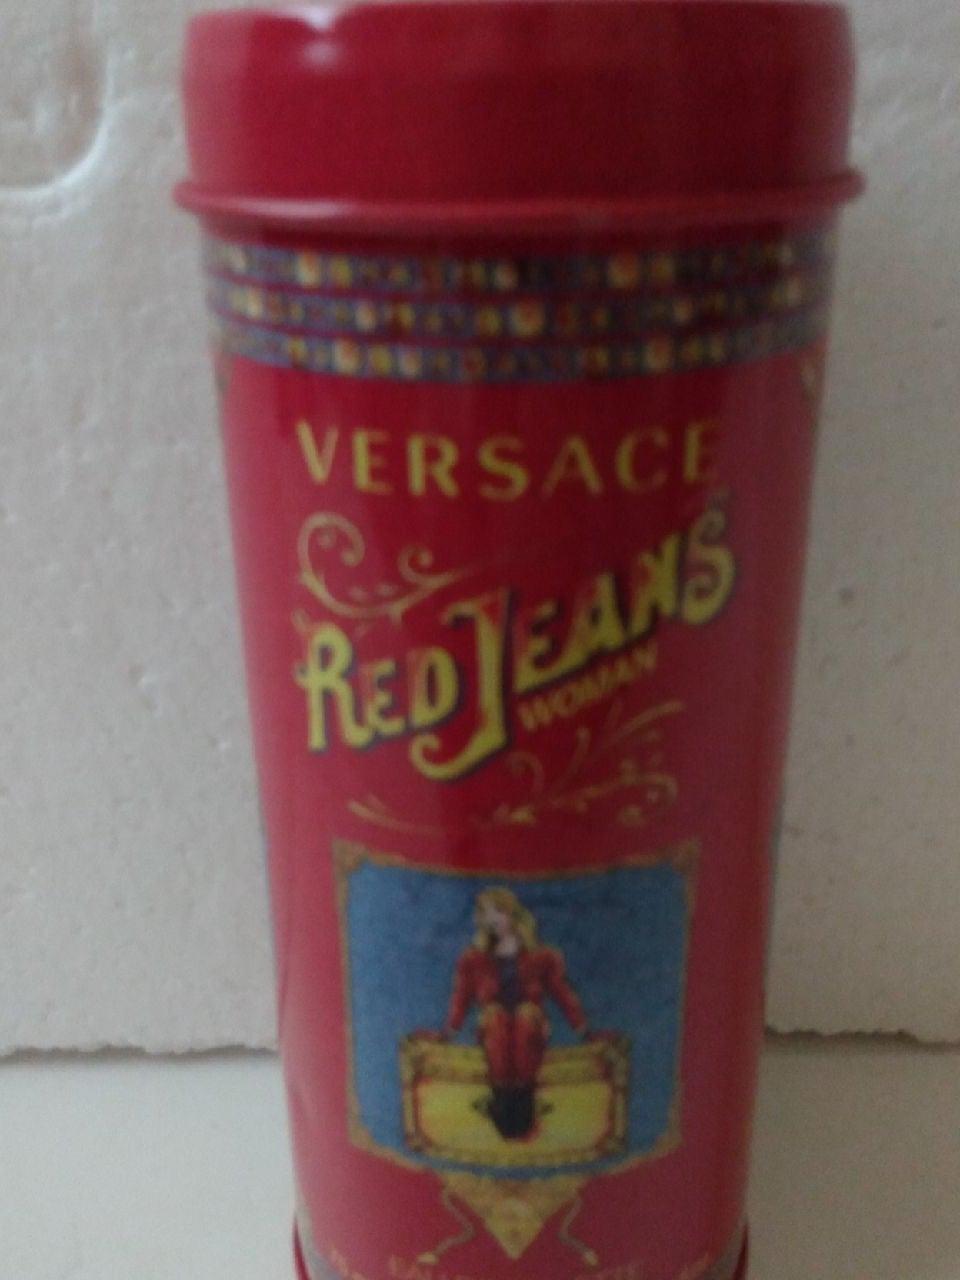 Versace Red Jeans woman EAU DE TOILETTE